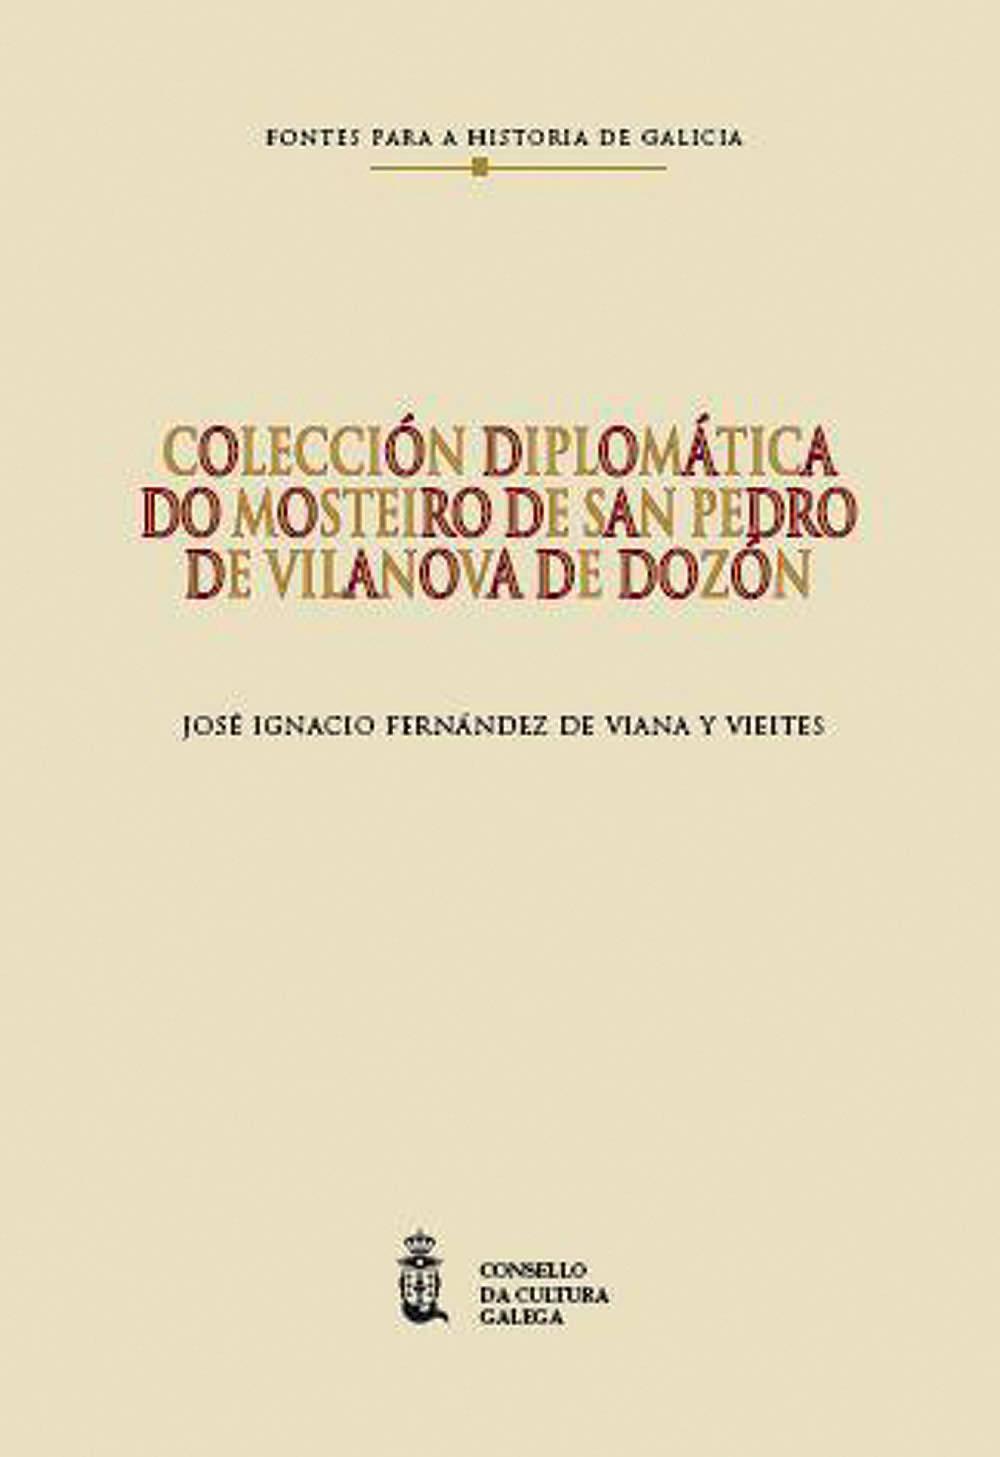 Portada de  Colección diplomática do mosteiro de San Pedro de Vilanova de Dozón